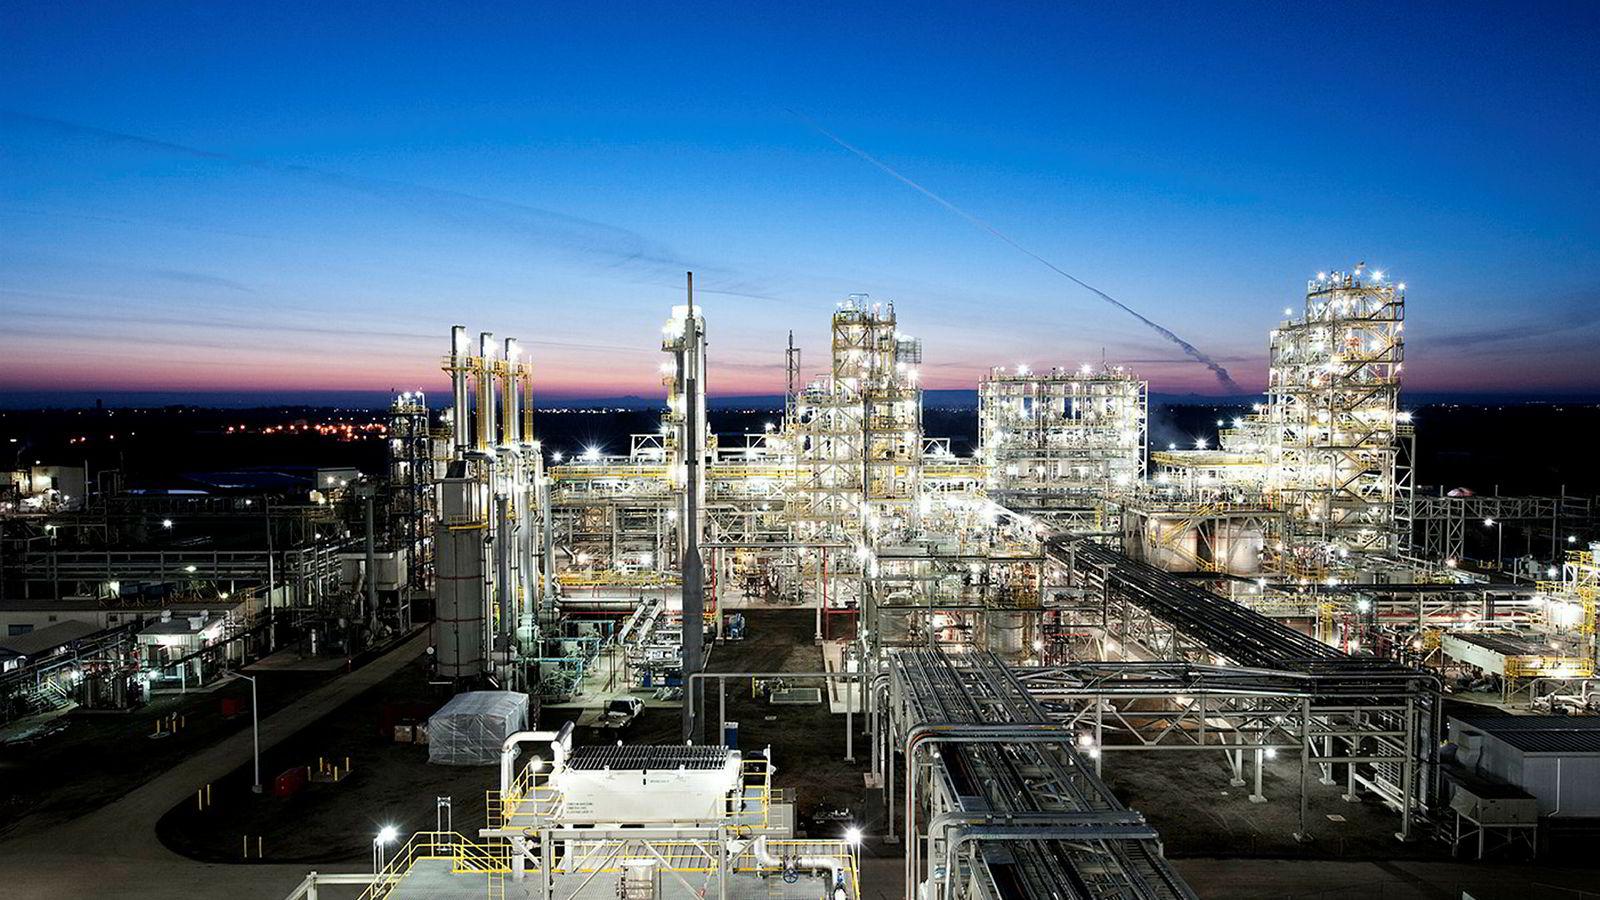 Rec Silicon investerte 1,7 milliarder dollar for å bygge ut anlegget Moses Lake – verdens største silisiumsfabrikk. Om to måneder kan hele fabrikken være stengt ned.